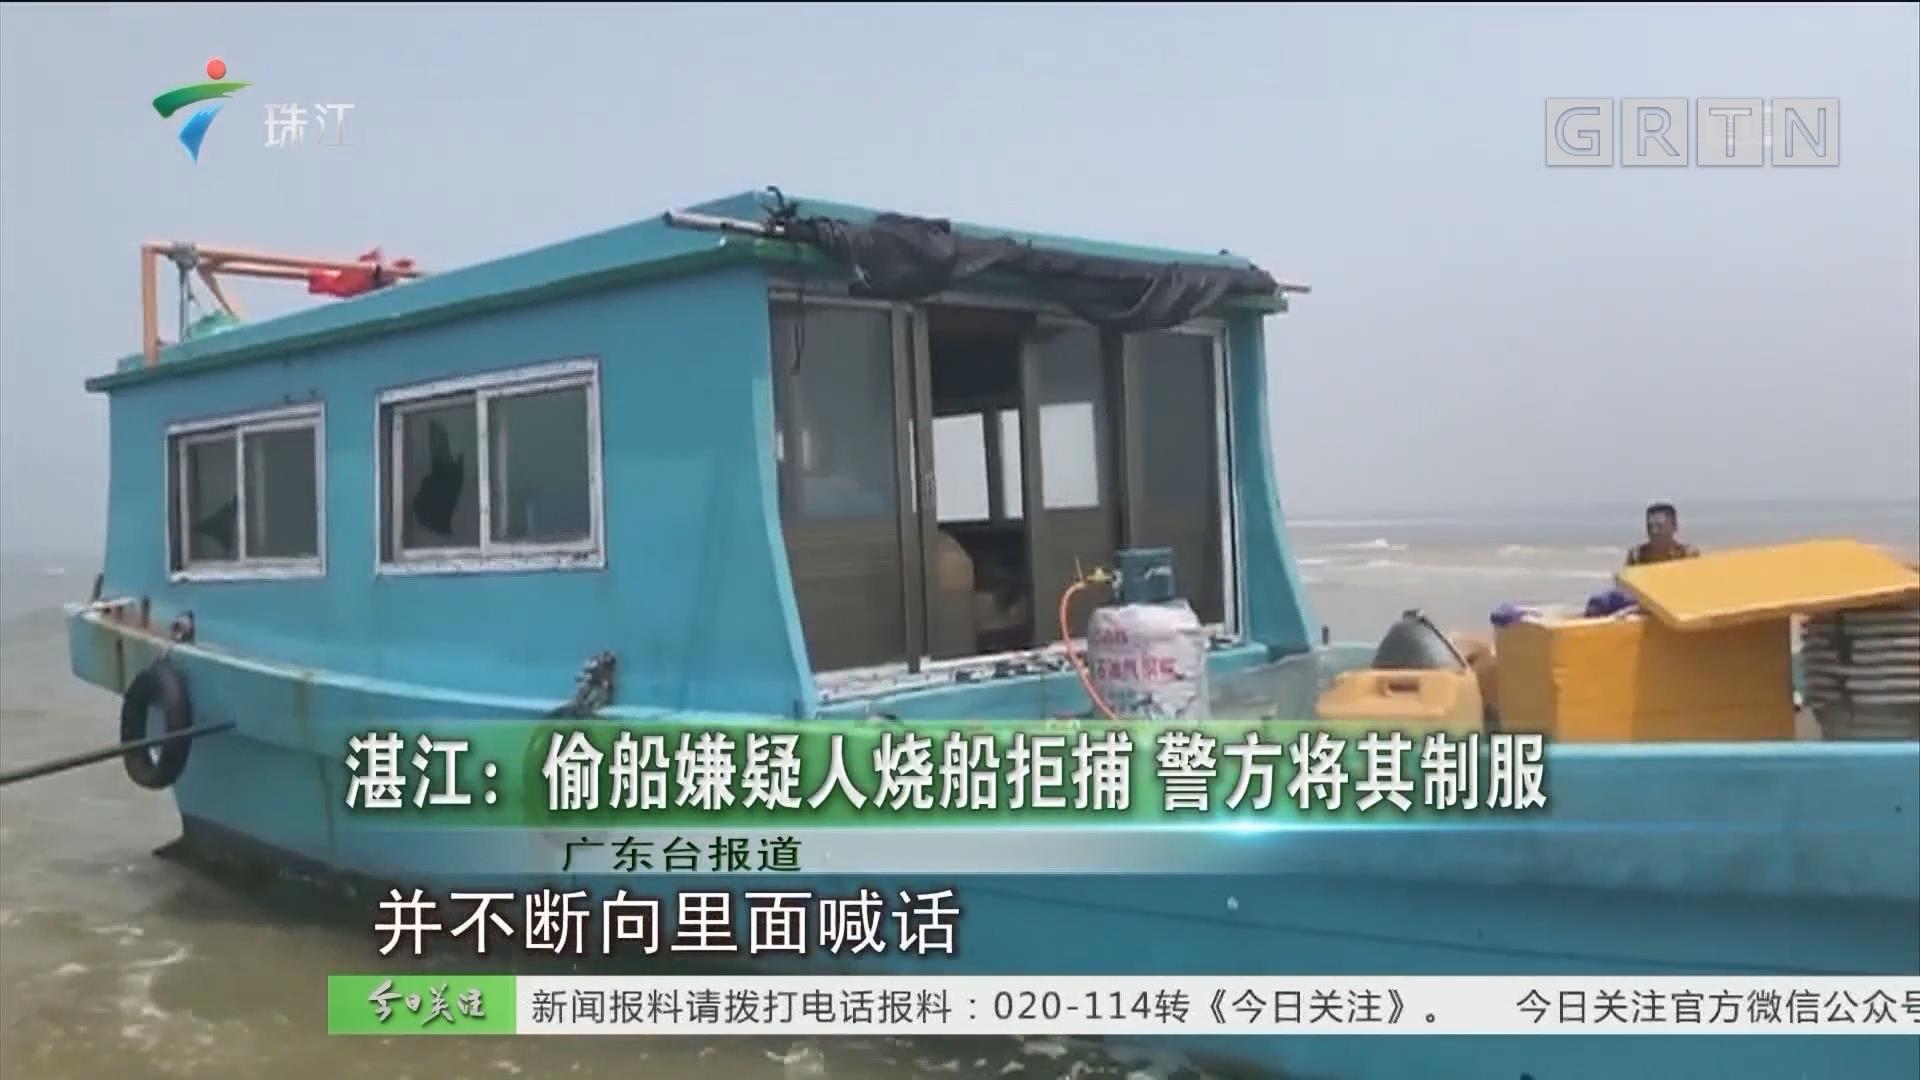 湛江:偷船嫌疑人烧船拒捕 警方将其制服